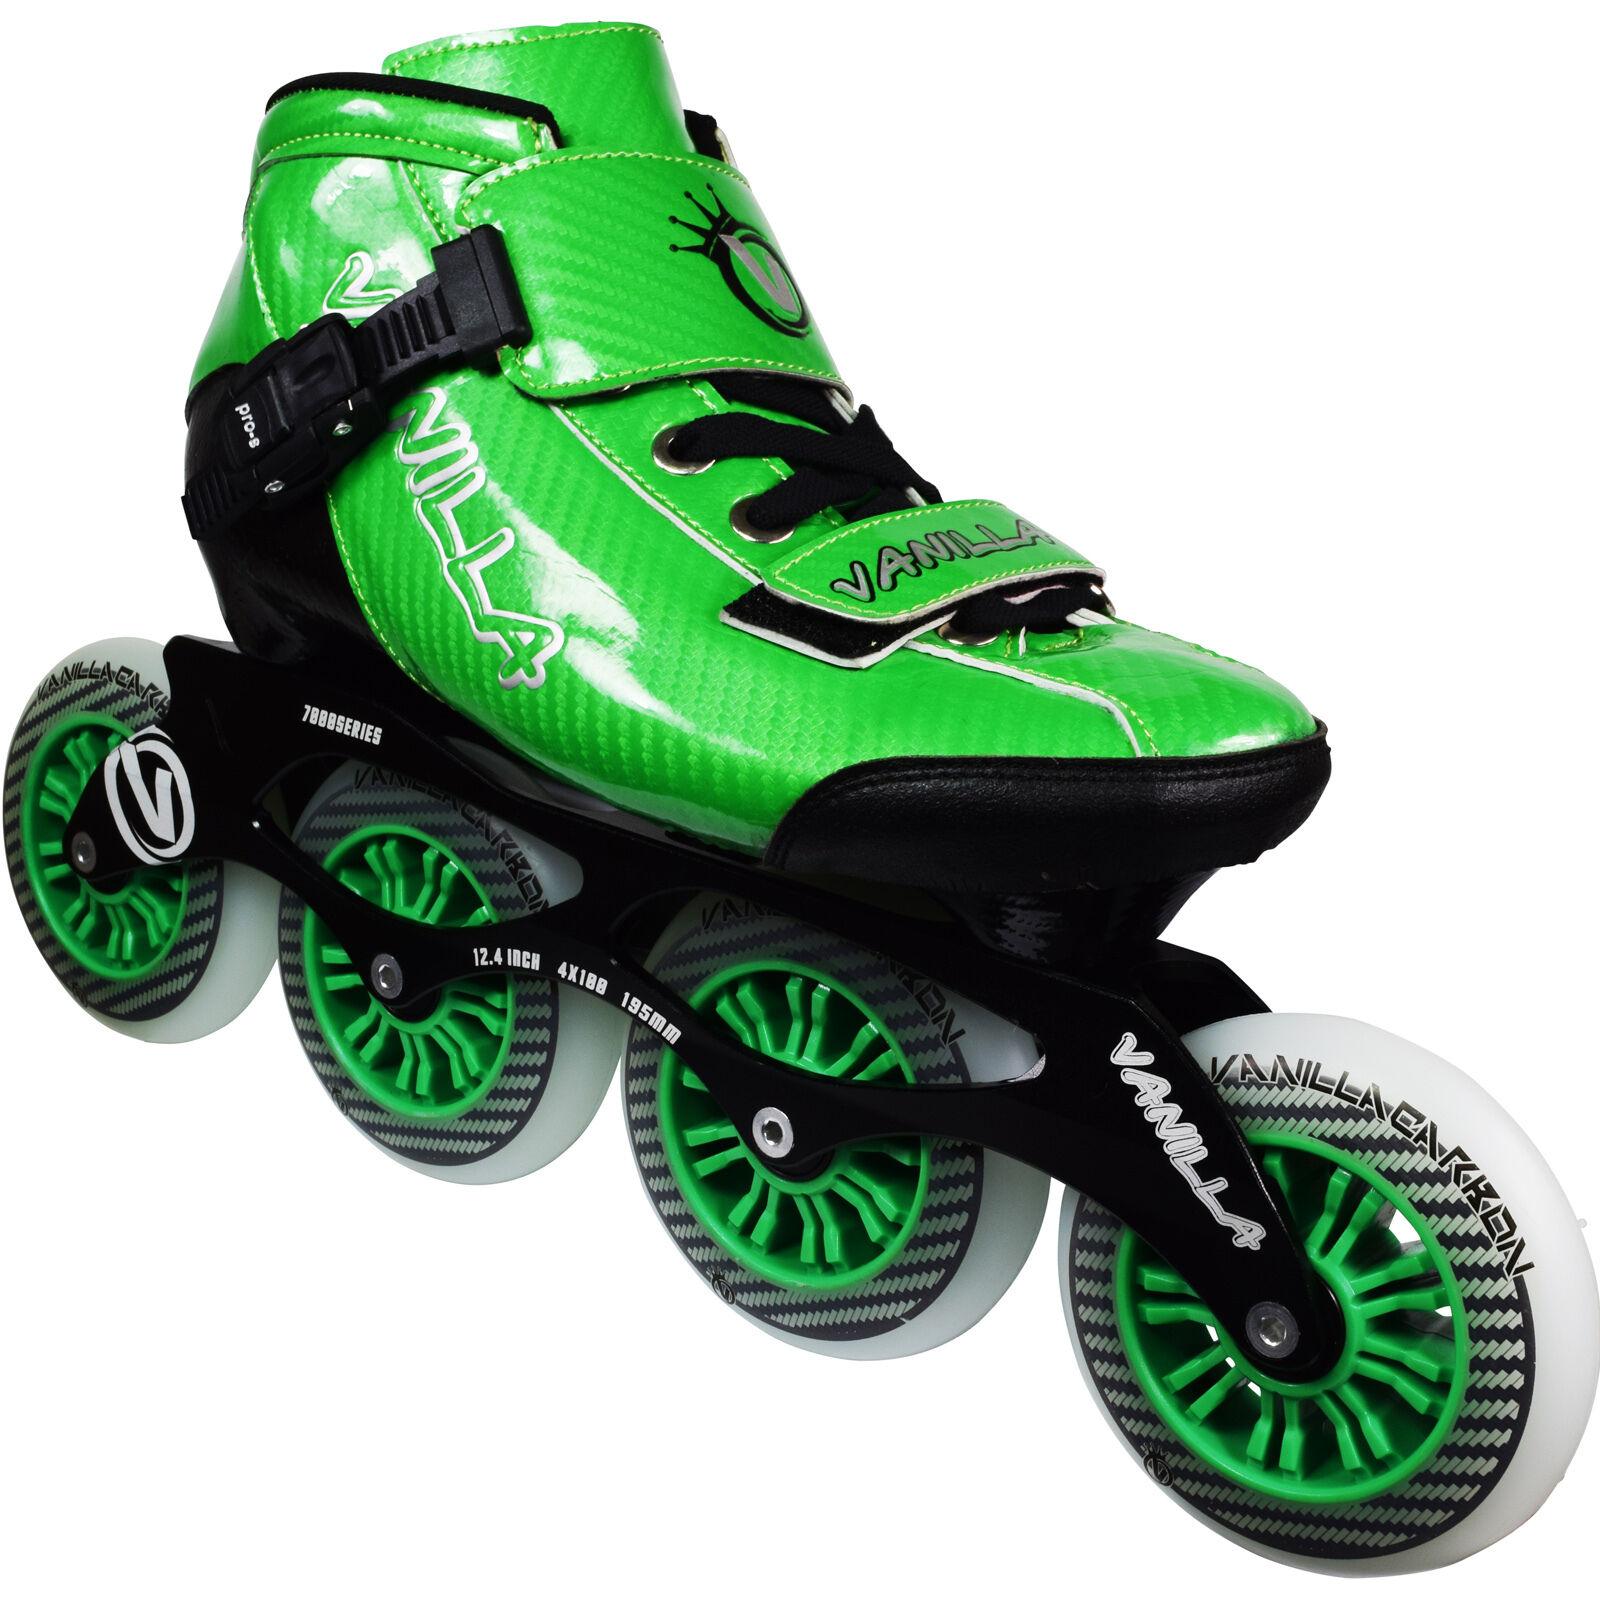 New Grün VNLA Carbon Inline Speed Skate Größe 1-13